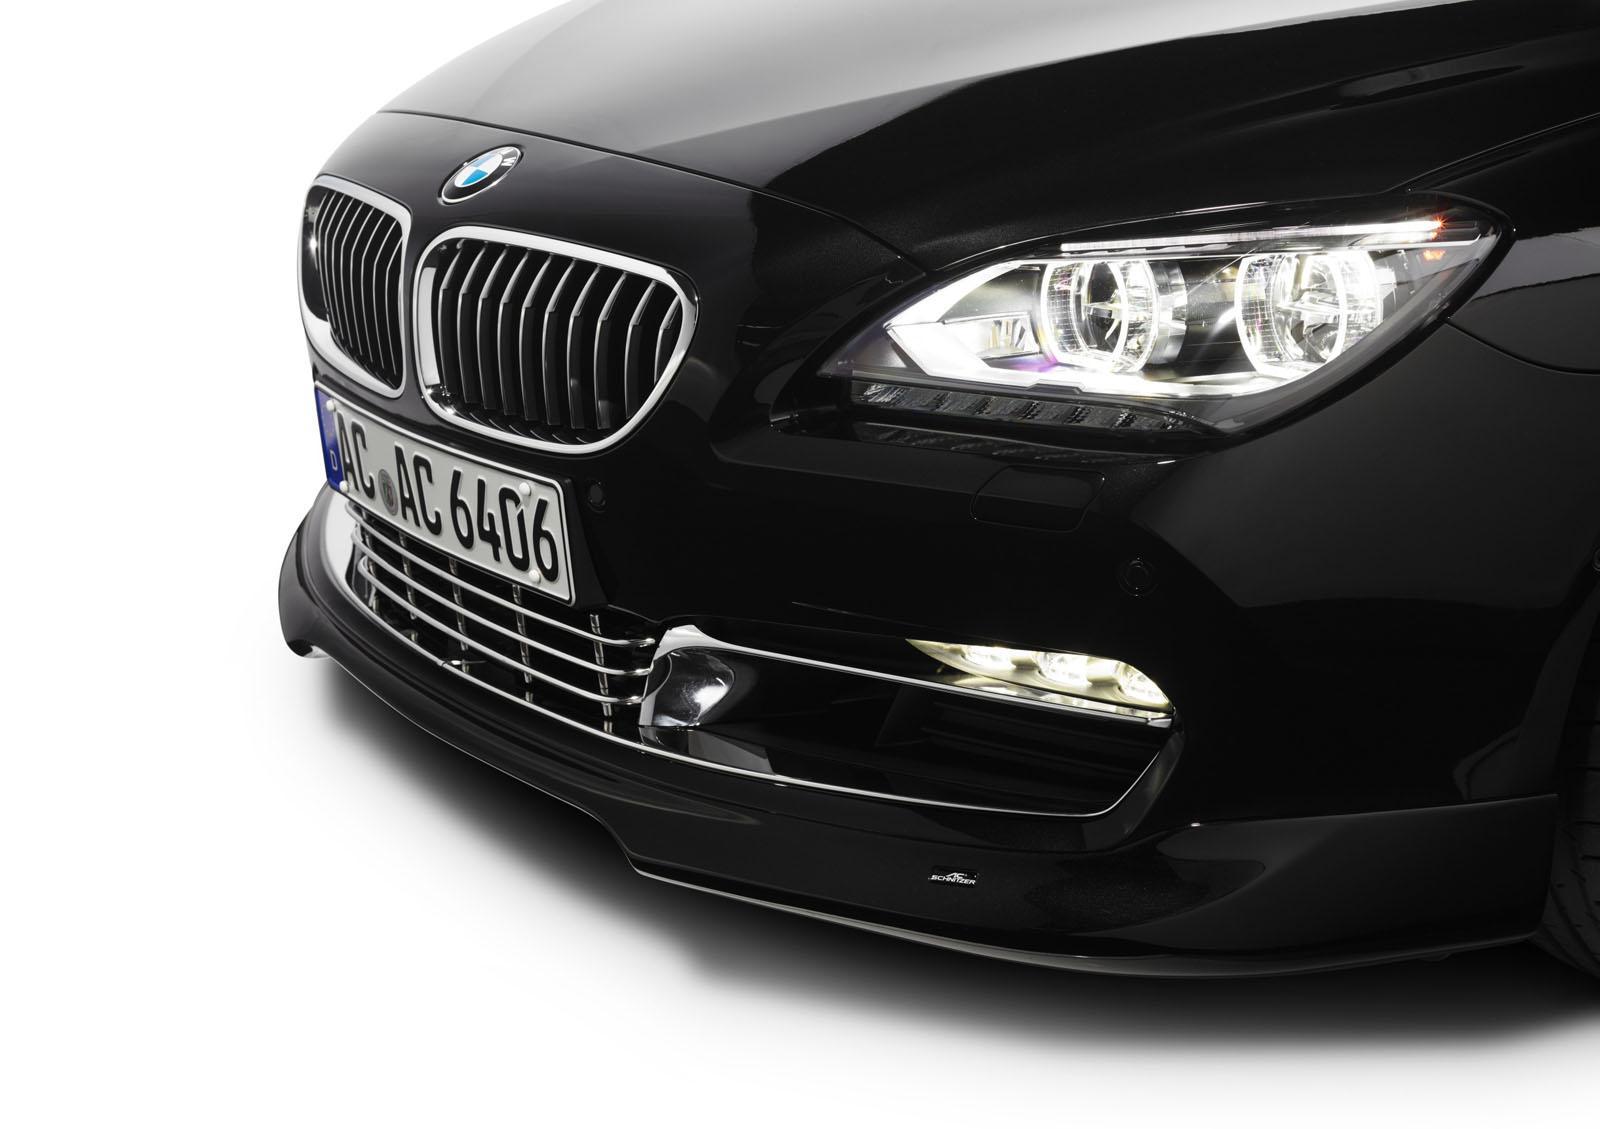 AC Schnitzer BMW 6й серии Grant Coupe - Тюнинг для совершенства - фотография №6